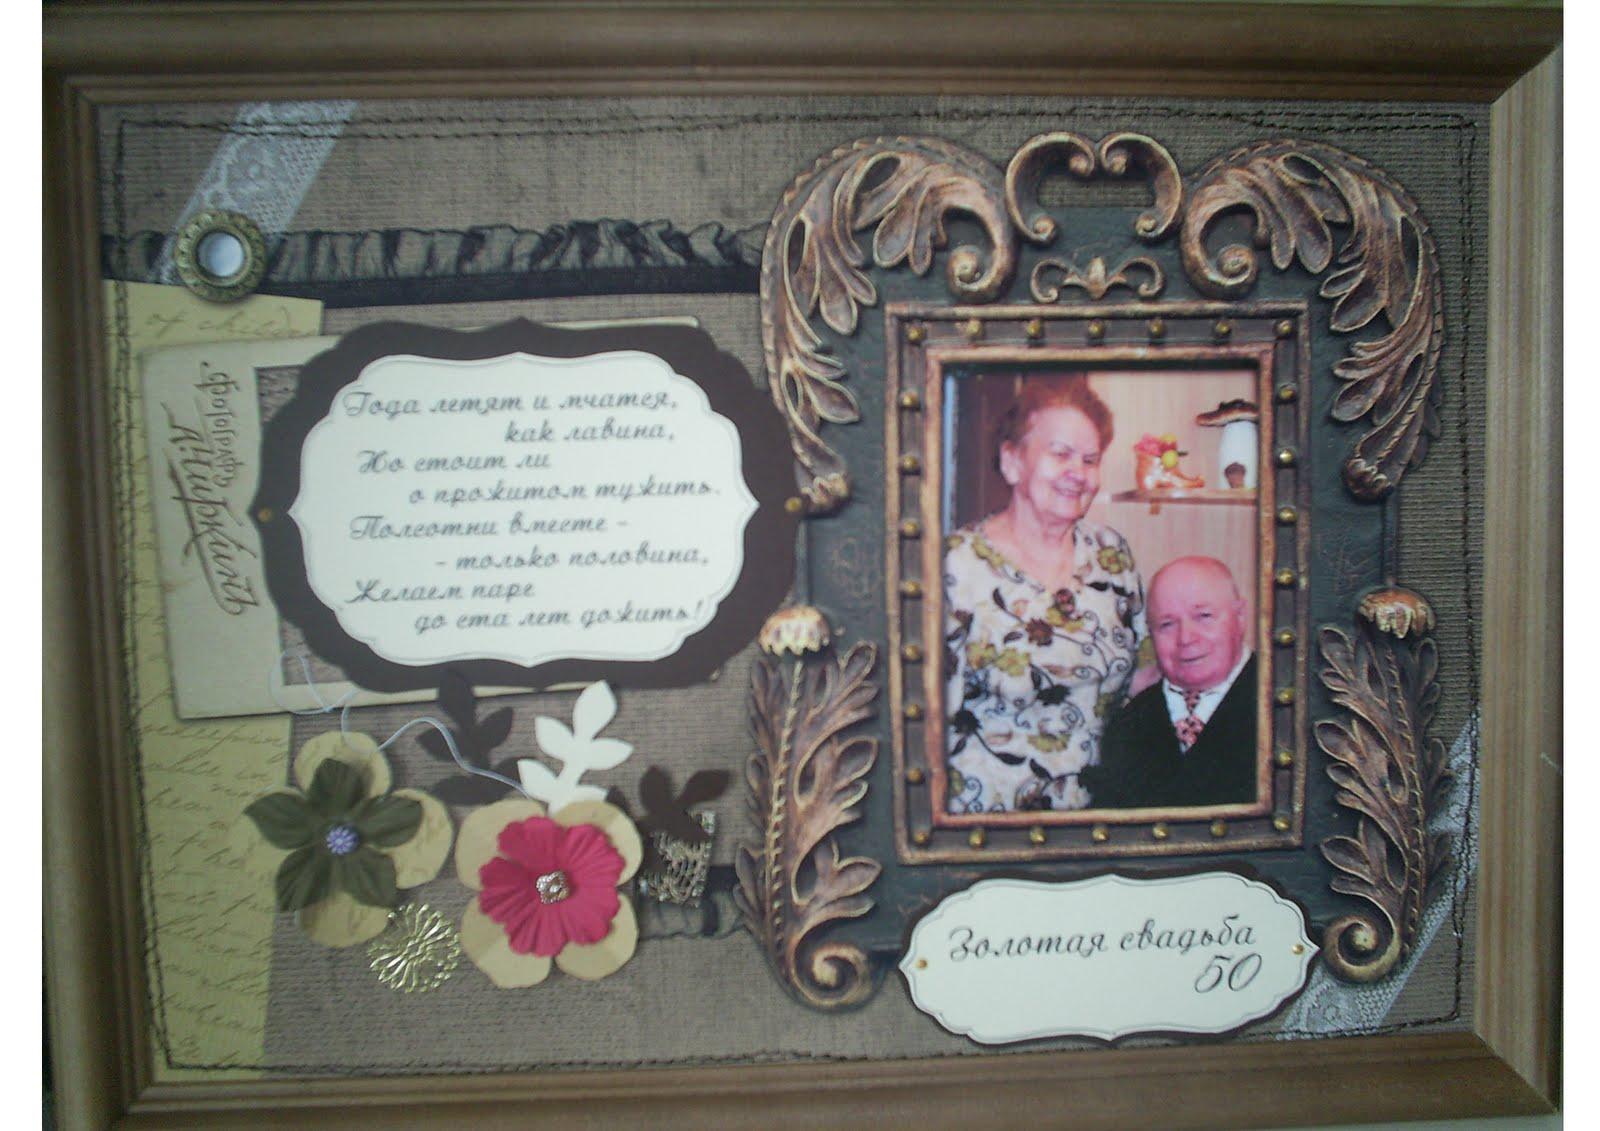 Подарки и поздравления на золотую свадьбу 80